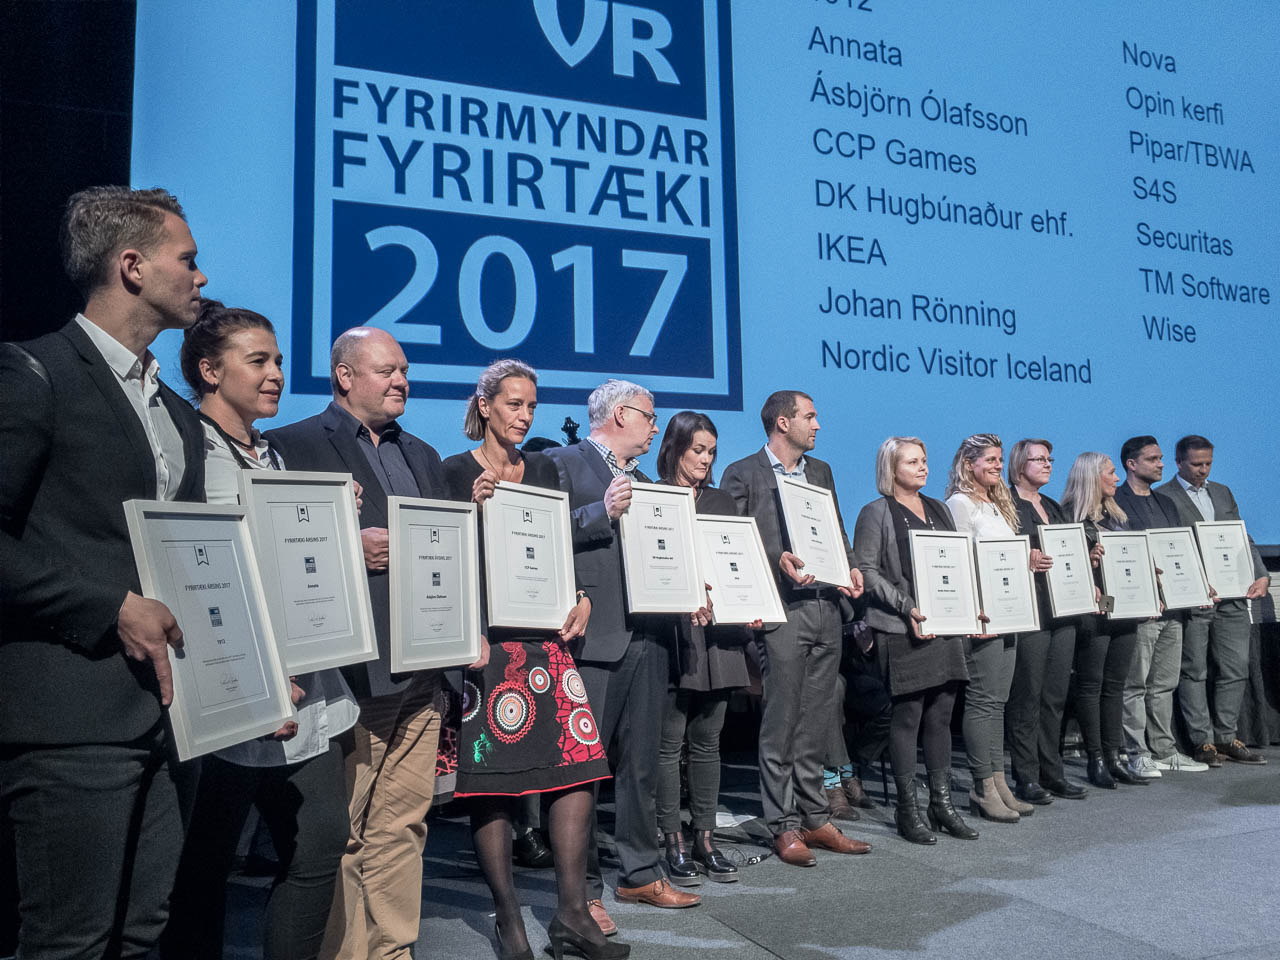 dk er Fyrirmyndarfyrirtæki VR 2017